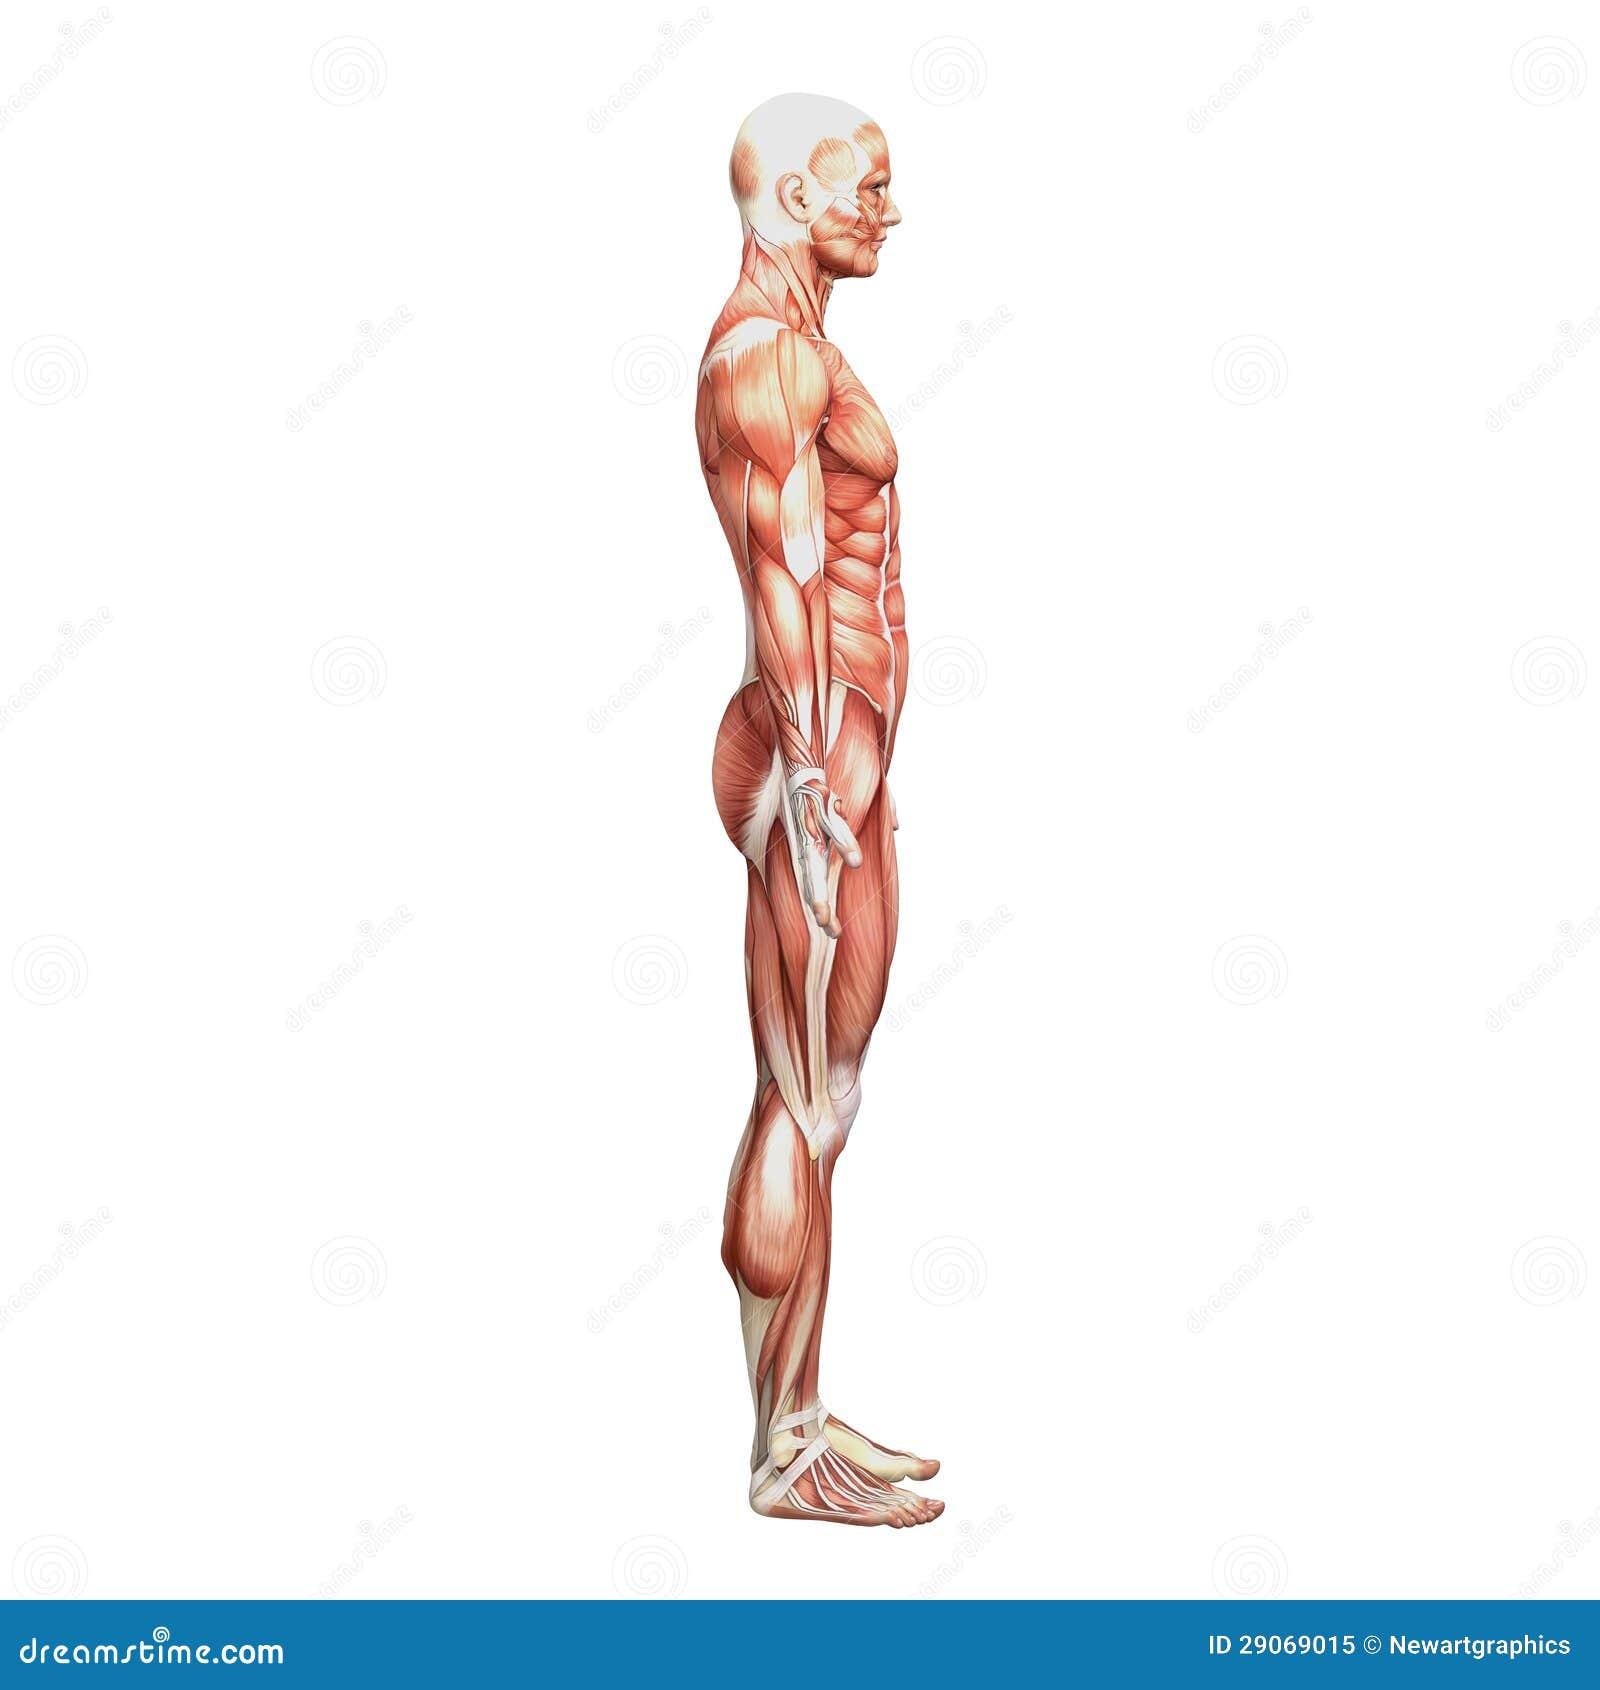 Wunderbar Muskel Skelett Anatomie Malbuch Fotos - Malvorlagen Von ...